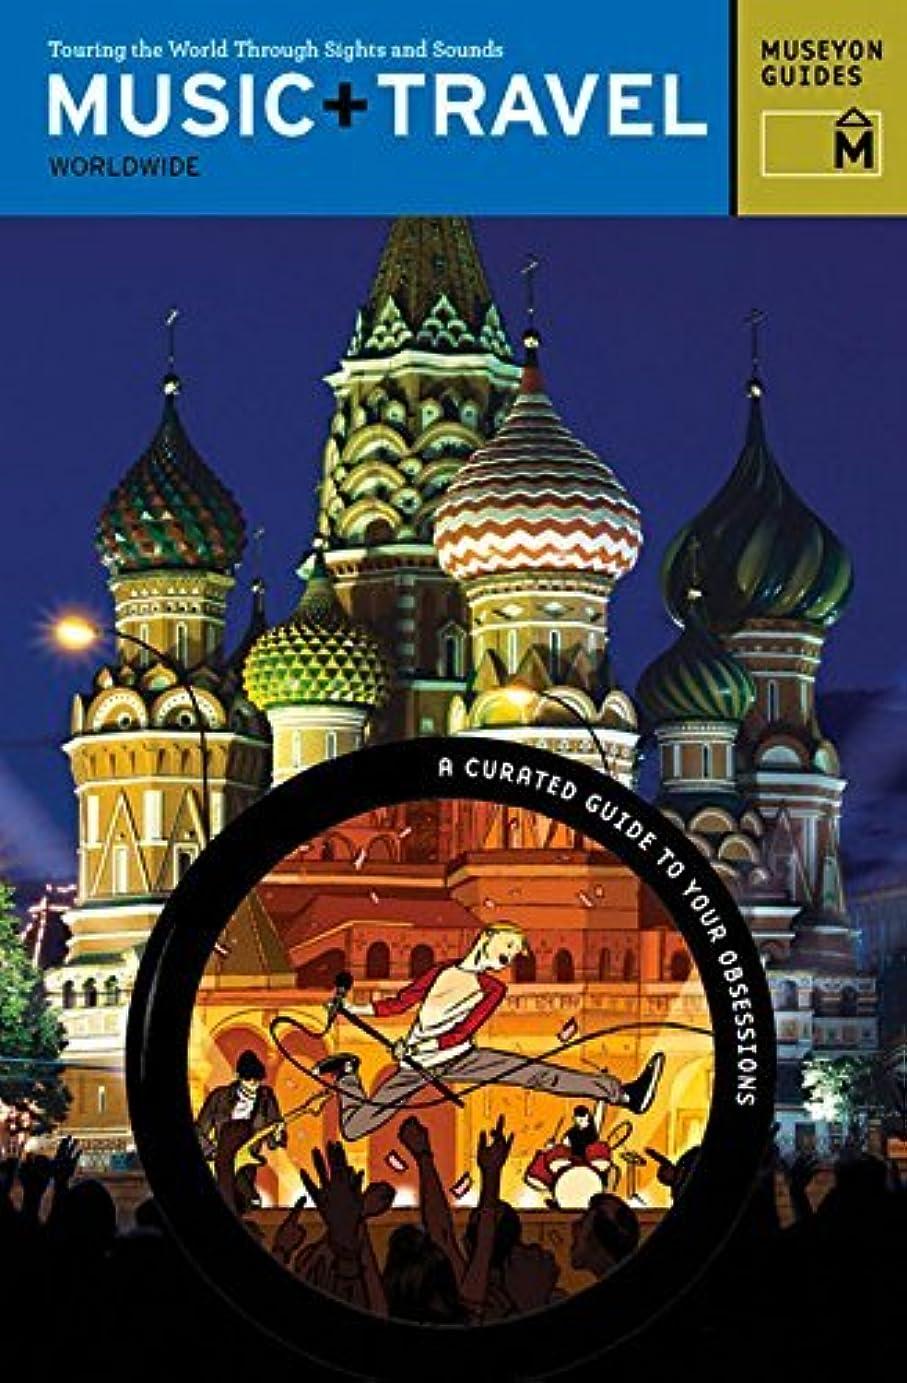 すでに緊張湿原Music + Travel Worldwide: Touring the Globe Through Sights and Sounds (Museyon Guides) (English Edition)